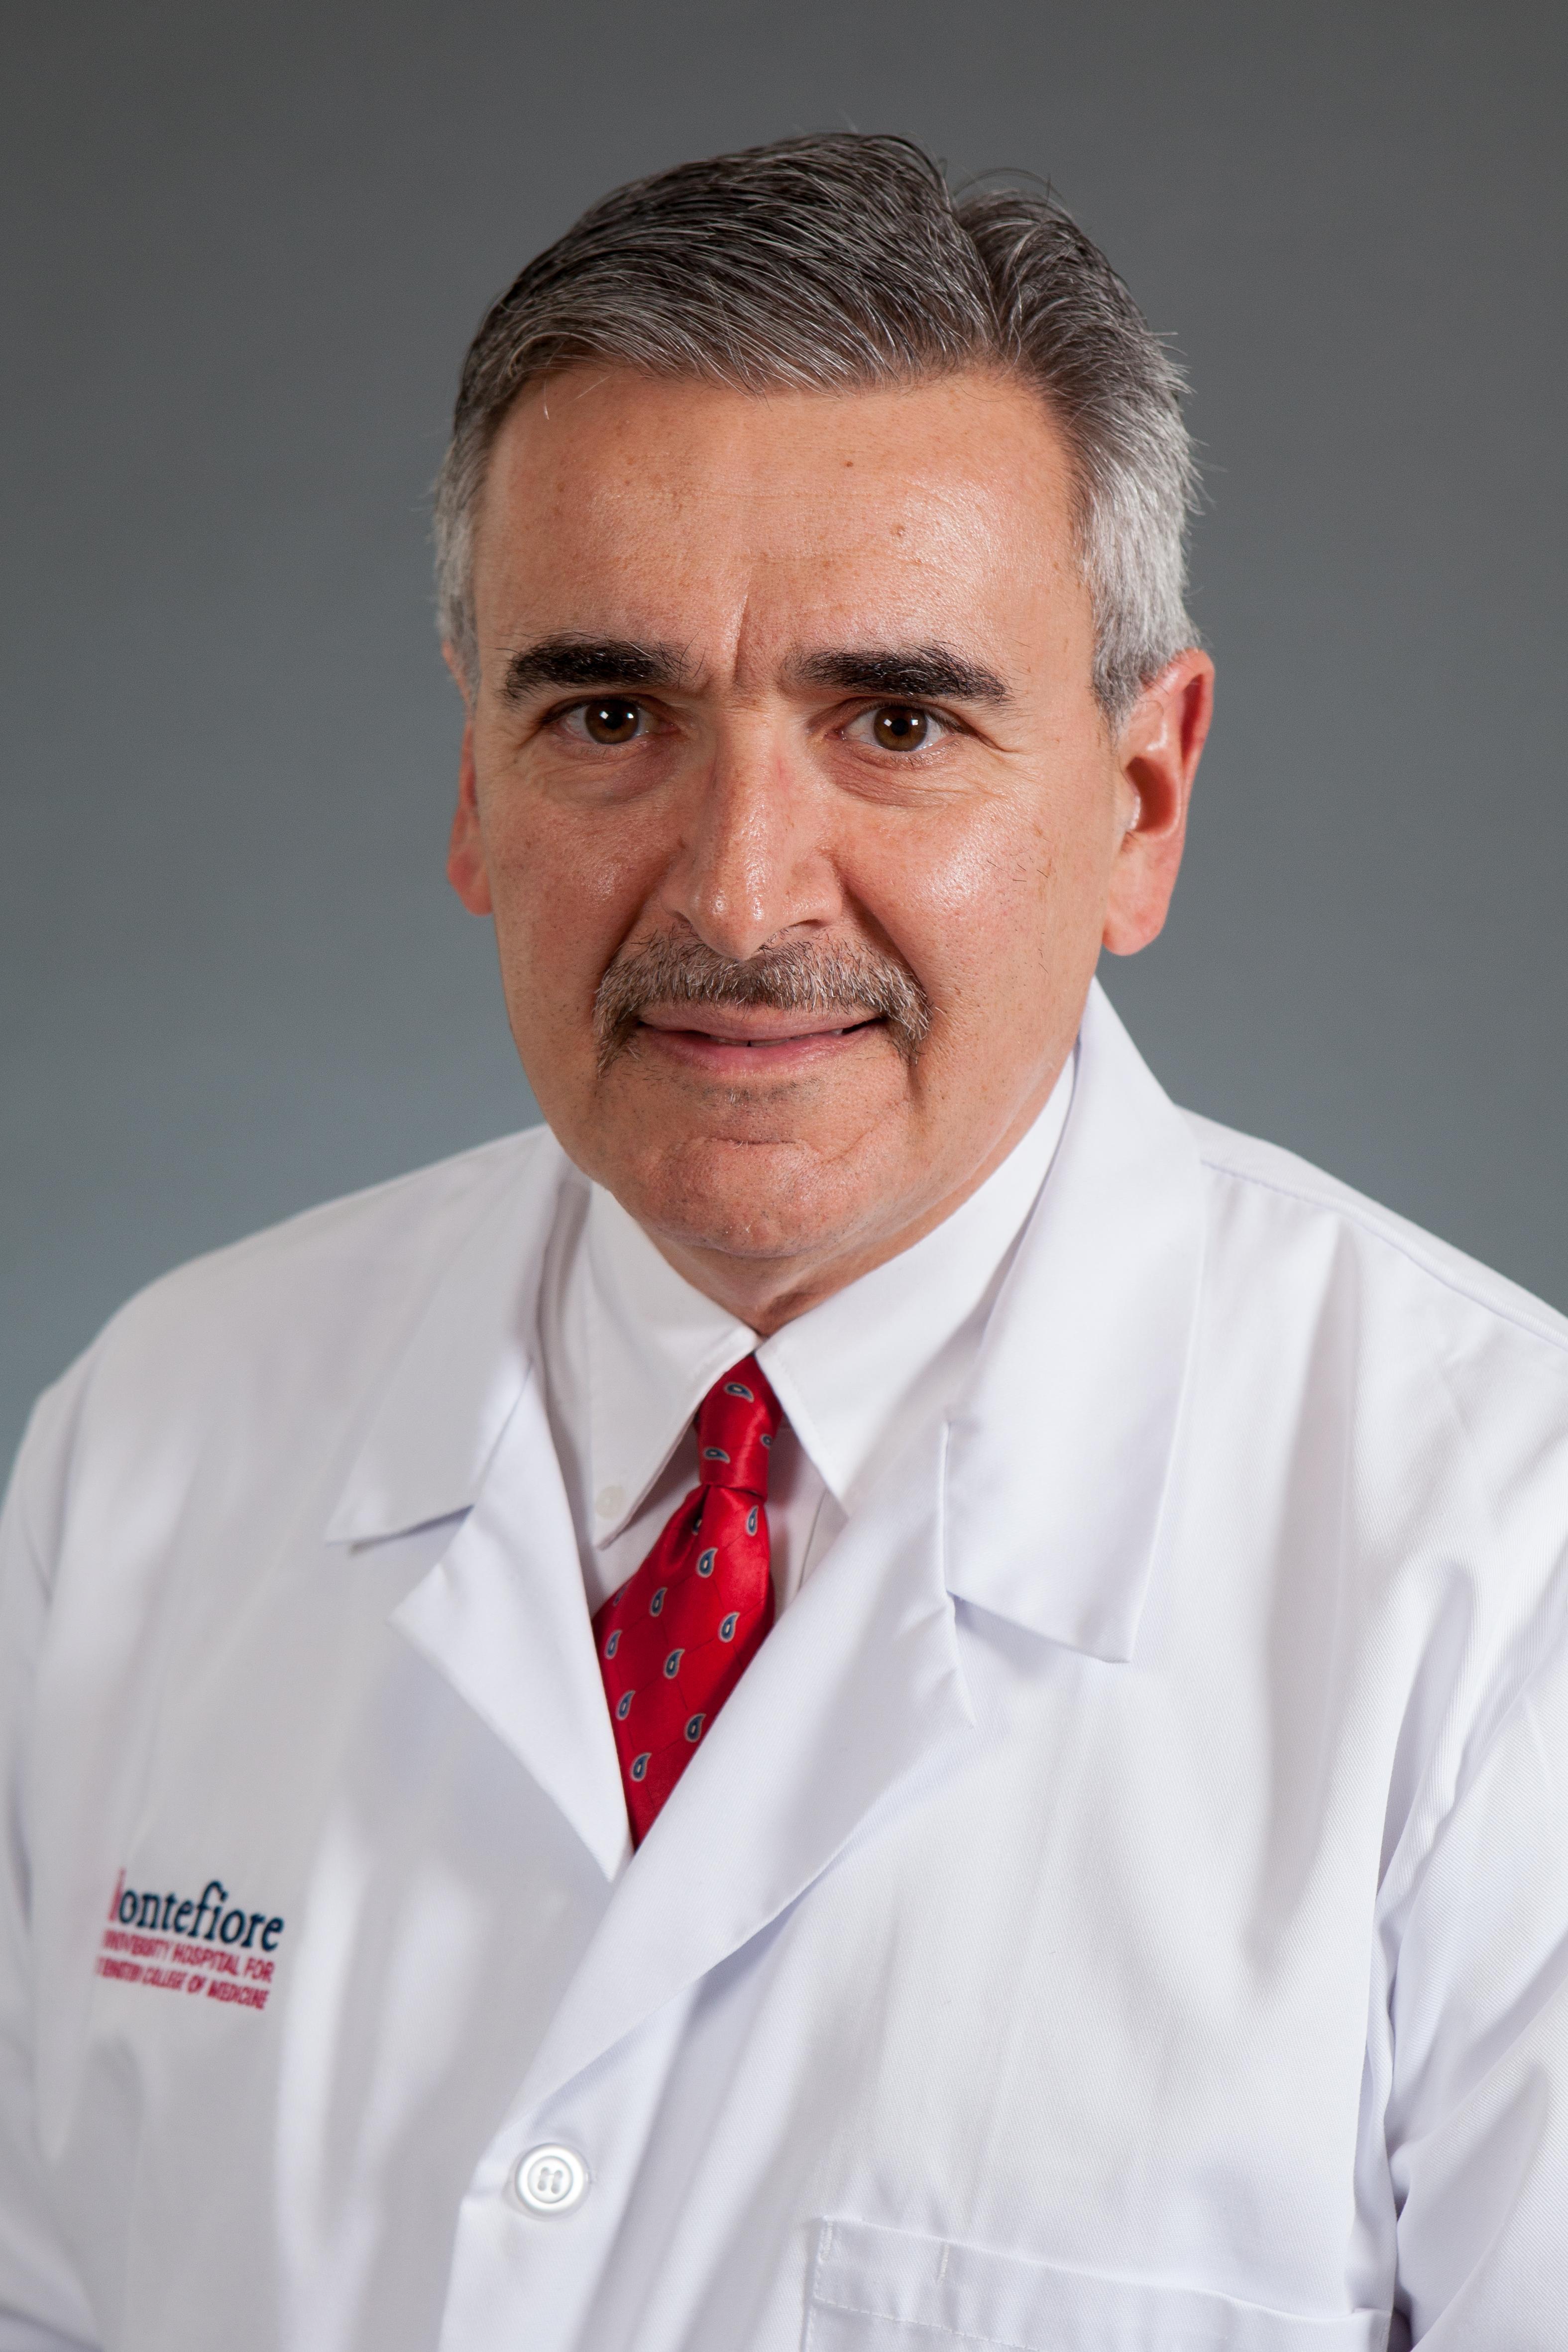 Joseph A. Sparano, MD